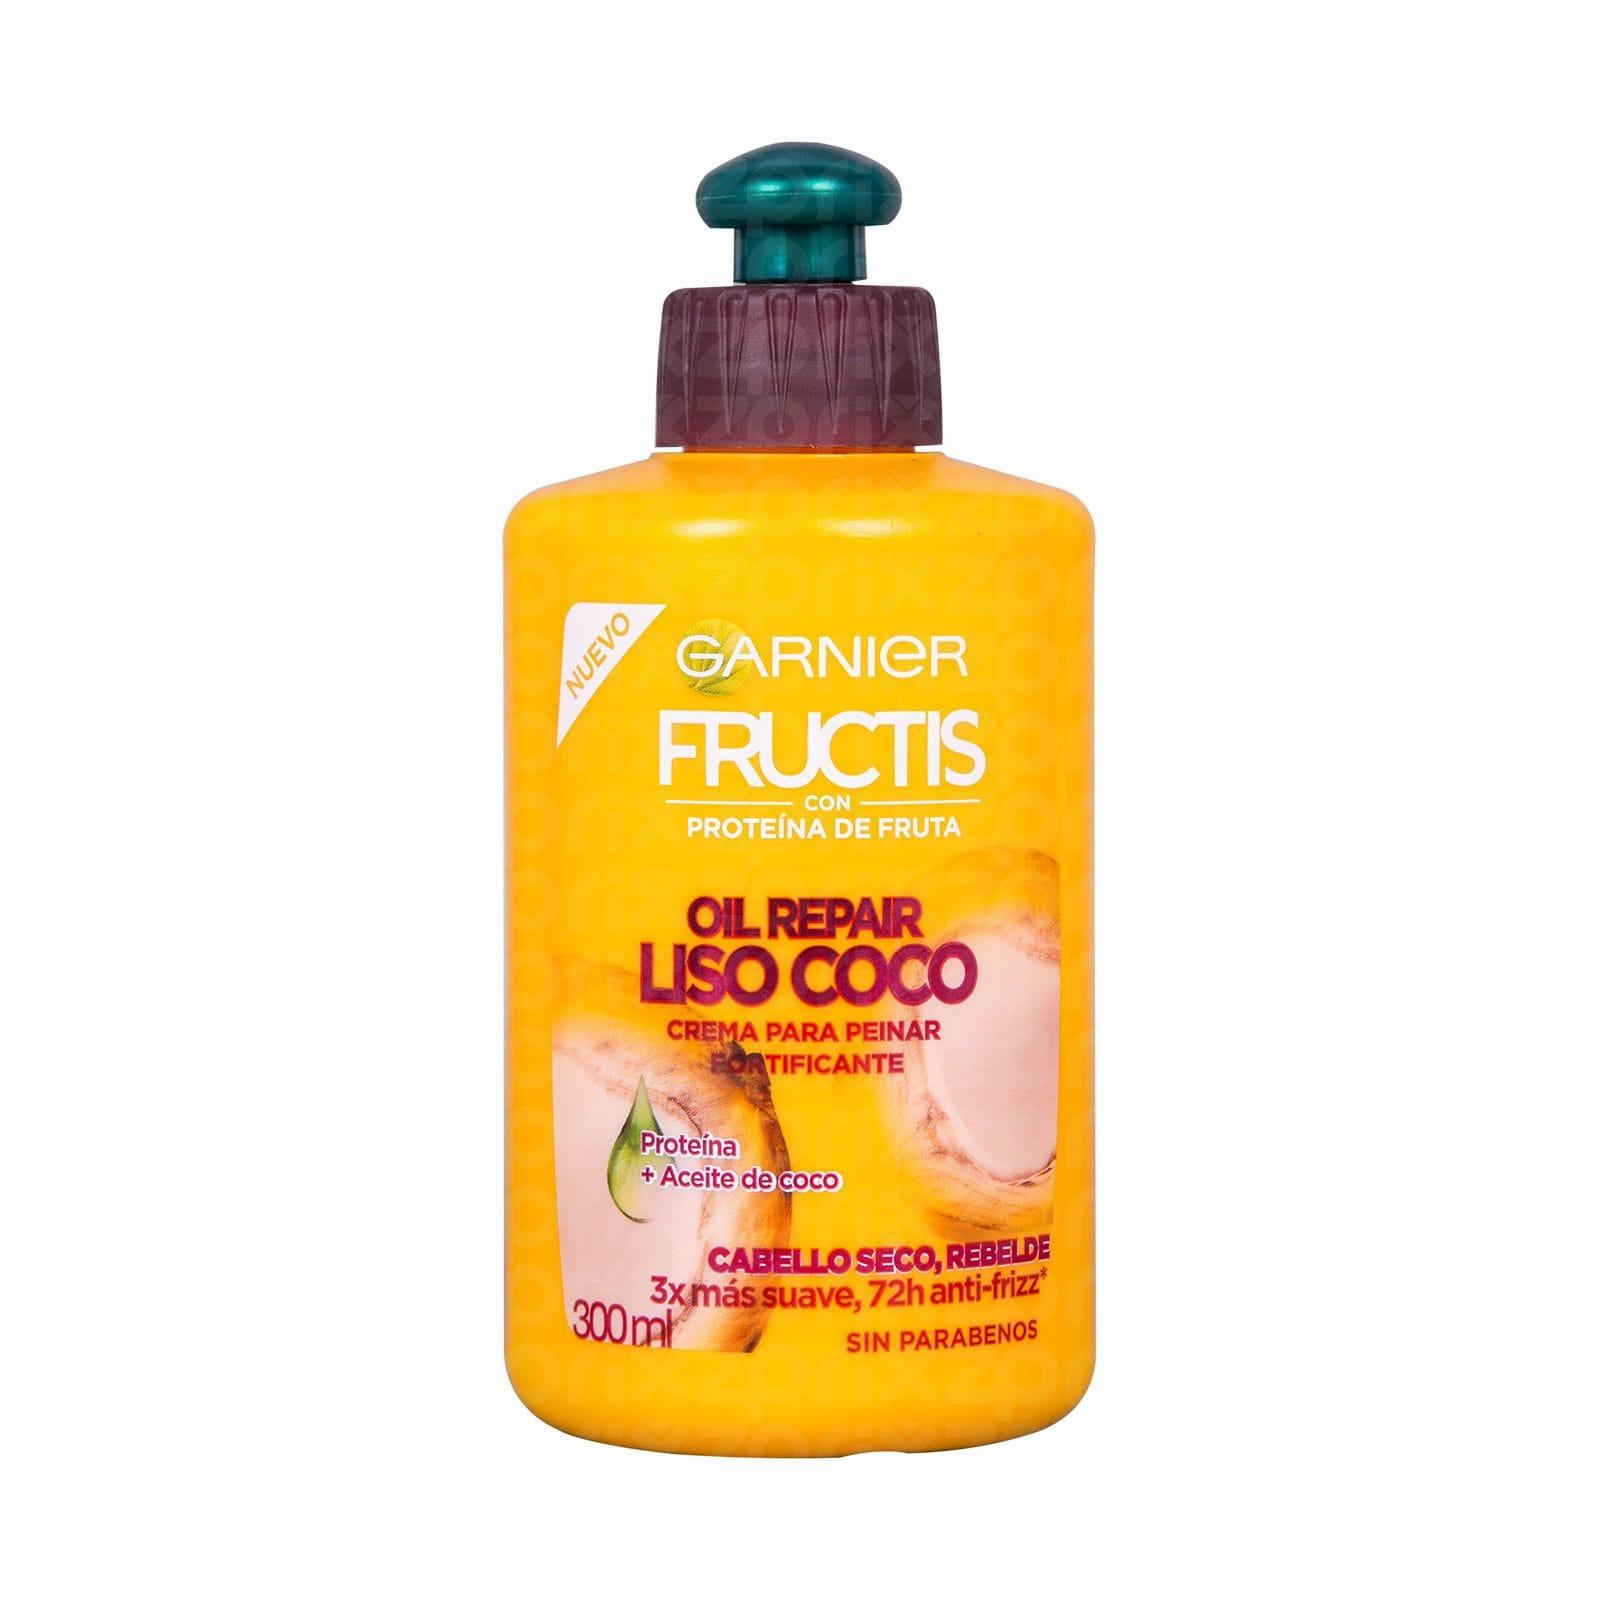 Crema para peinar Garnier Fructis liso coco 300 ml